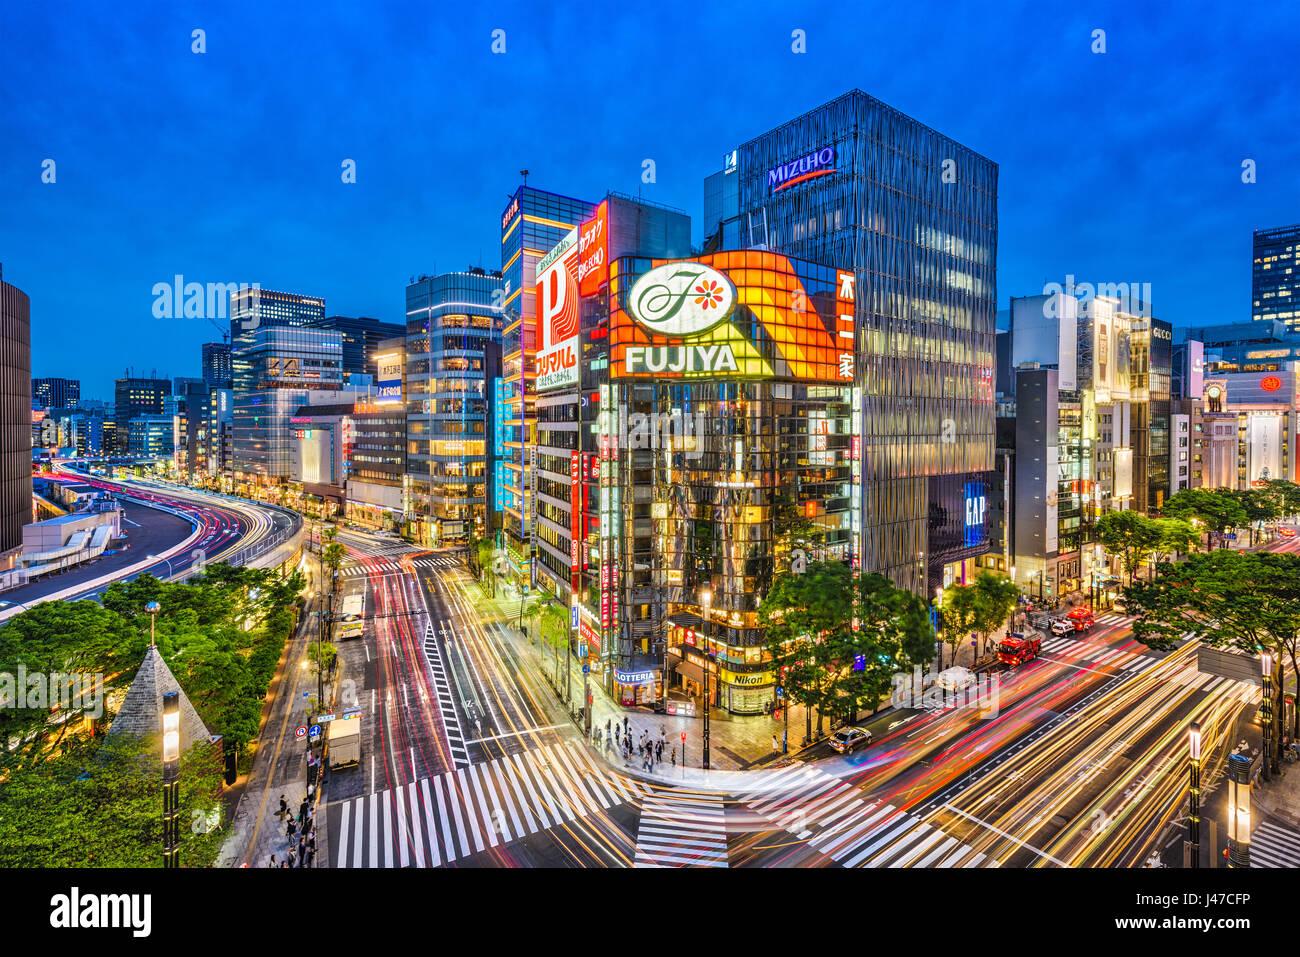 TOKYO, JAPAN - 9. Mai 2017: Das Ginza-Viertel in der Nacht. Ginza ist eine beliebte gehobene Einkaufsviertel Tokios. Stockbild